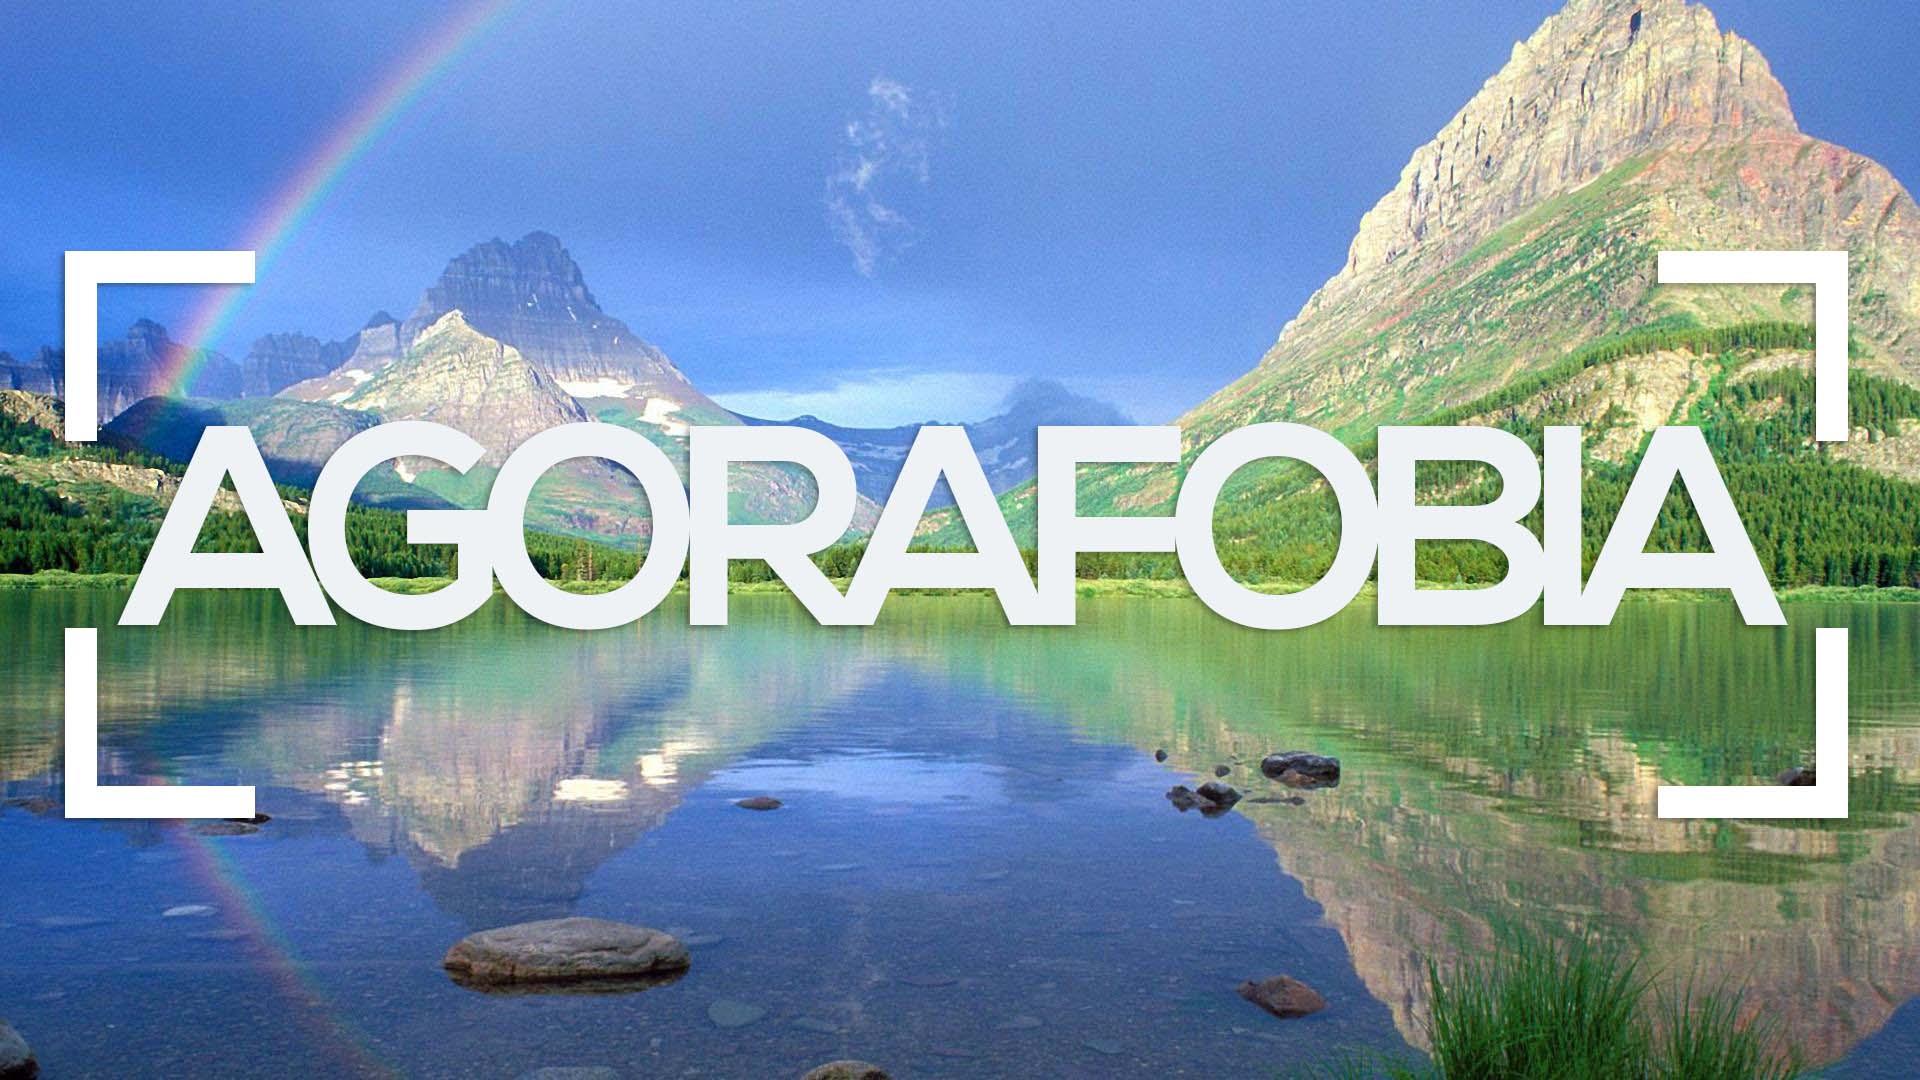 se muestra un paisaje montañoso con arcoiris de fondo y la palabra agorafobia